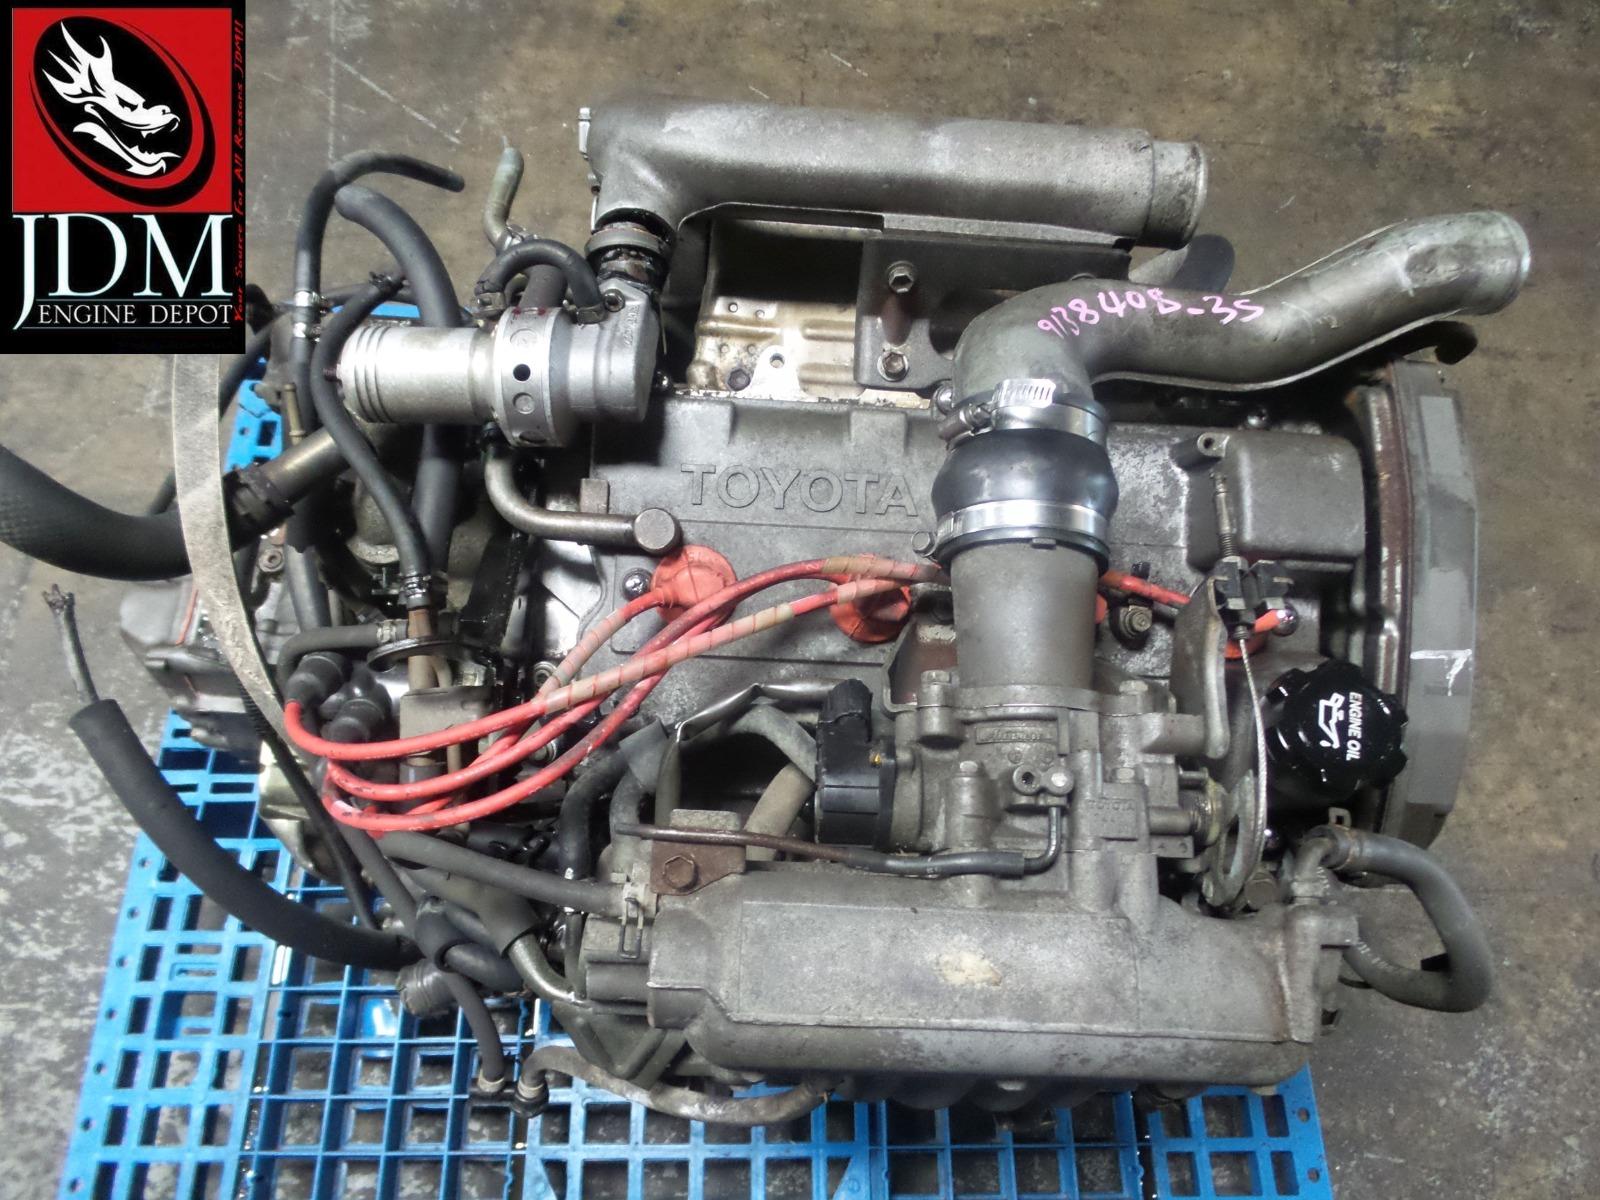 91 93 Toyota Mr2 Sw20 2nd Gen Turbo Engine 5spd